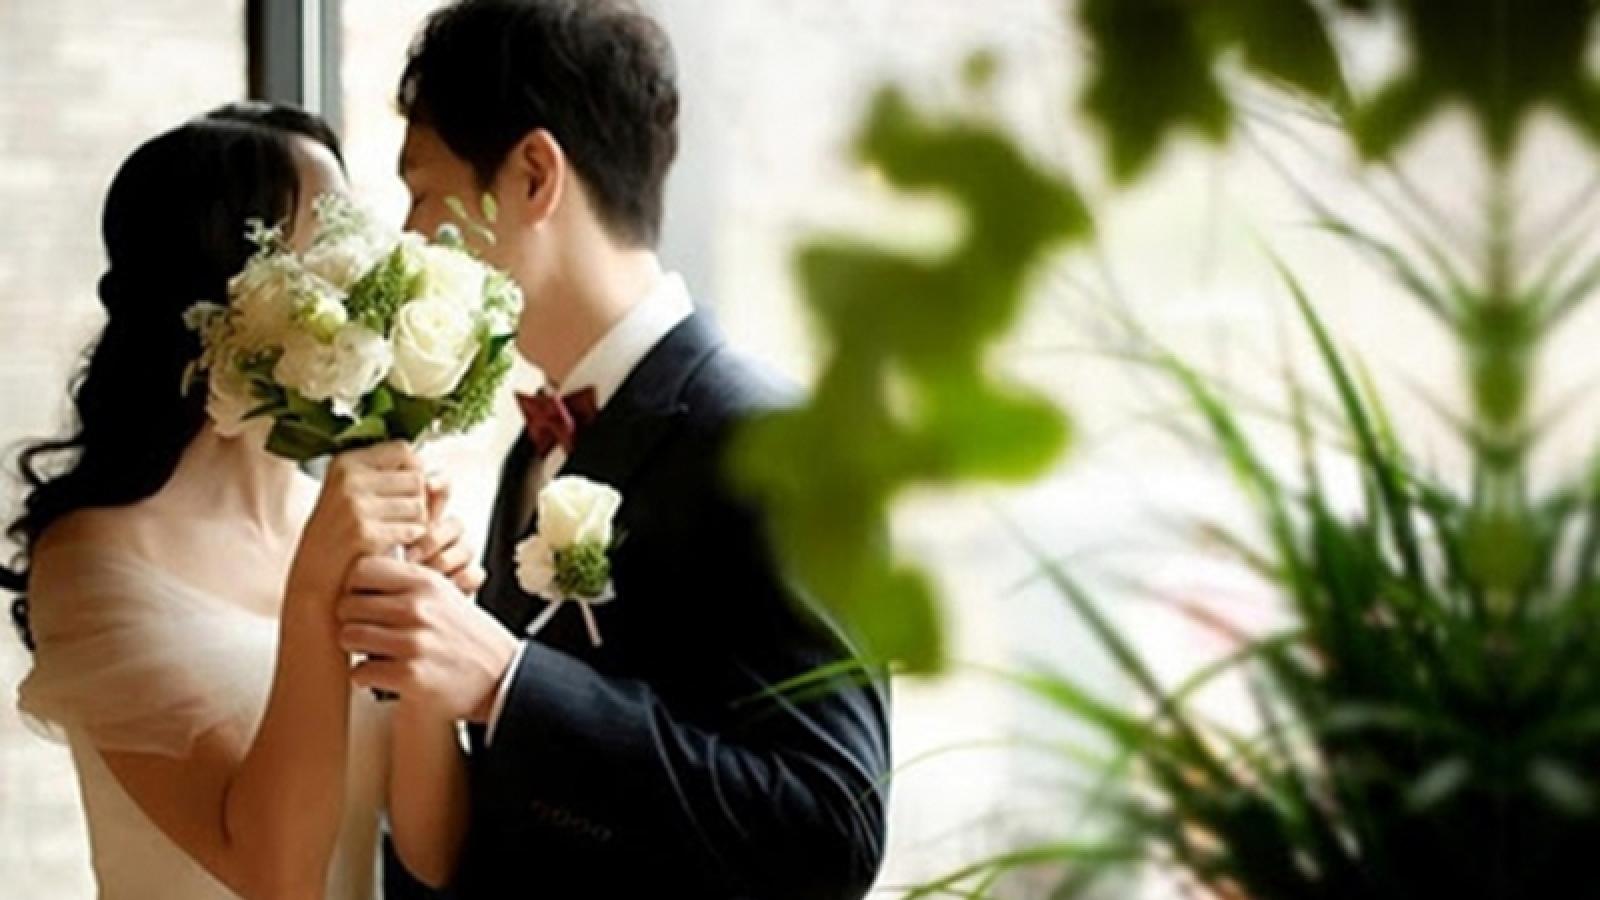 4 cách hàn gắn hôn nhân đang trong giai đoạn rạn nứt